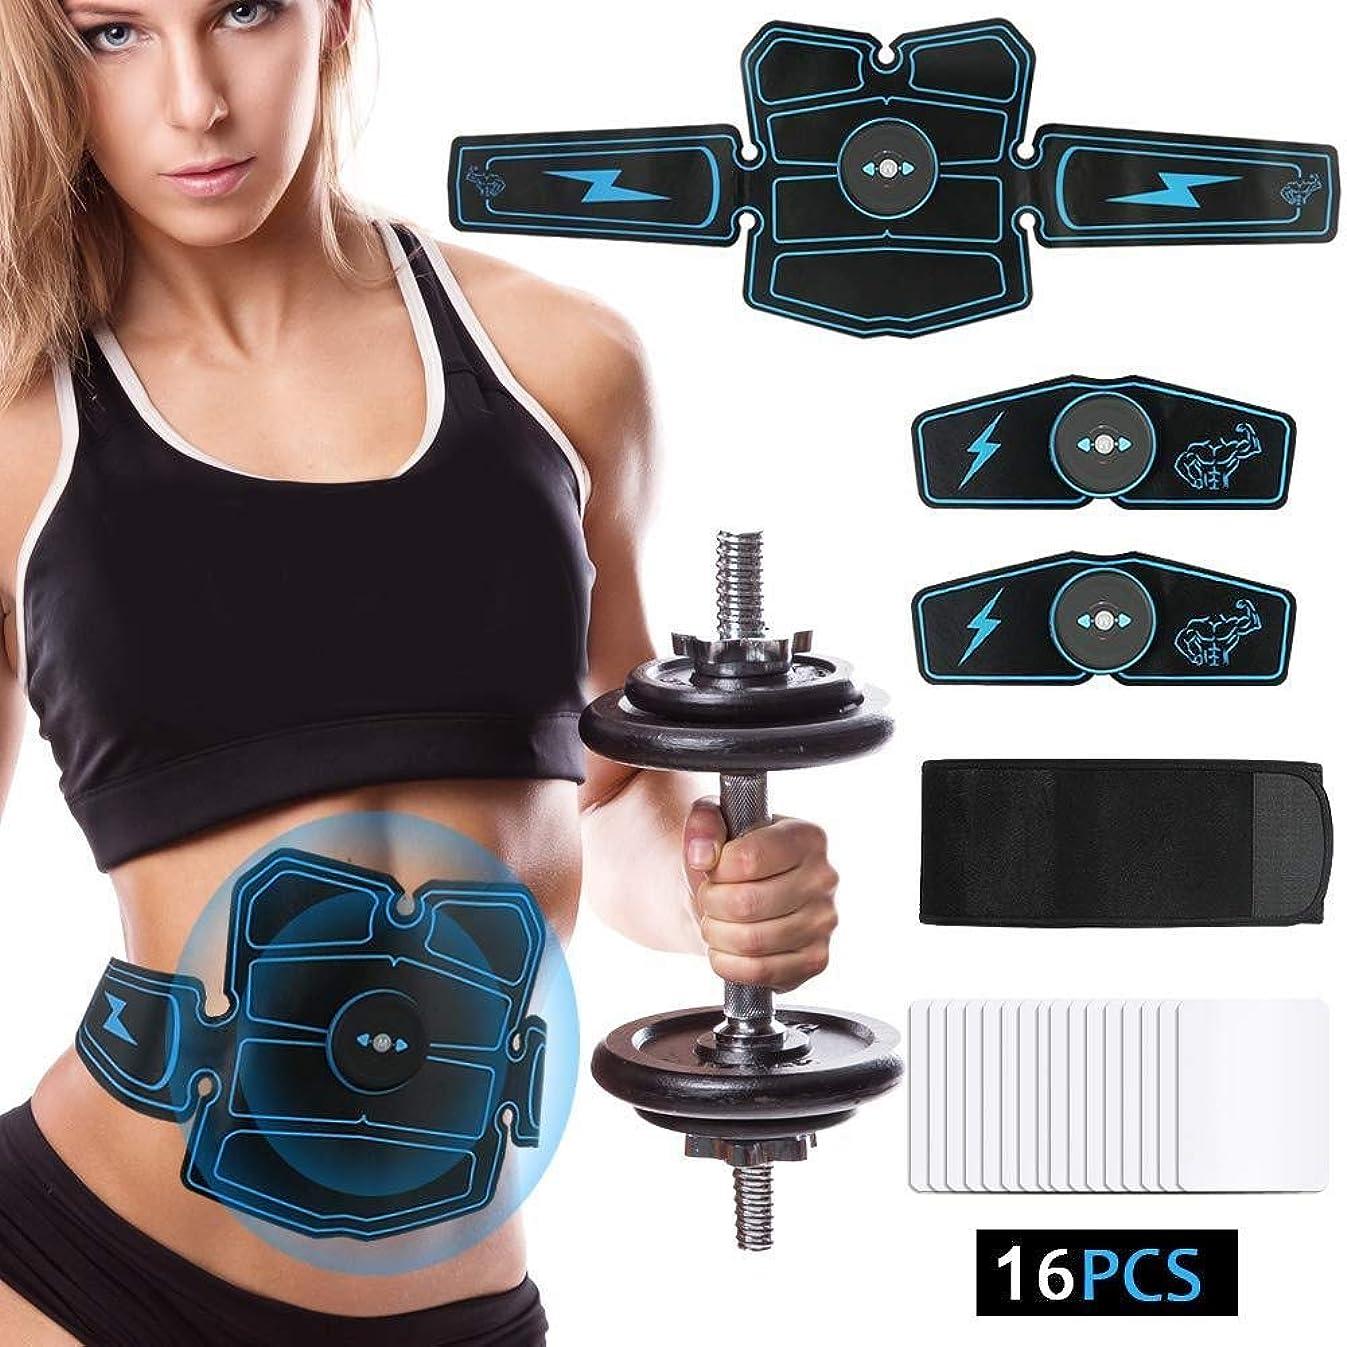 コンパイルマニア遺棄された腹部の筋肉マッサージ、スマートフィットネス機器、エクササイズトレーナー、腰椎運動機器、筋肉ホームパルサー